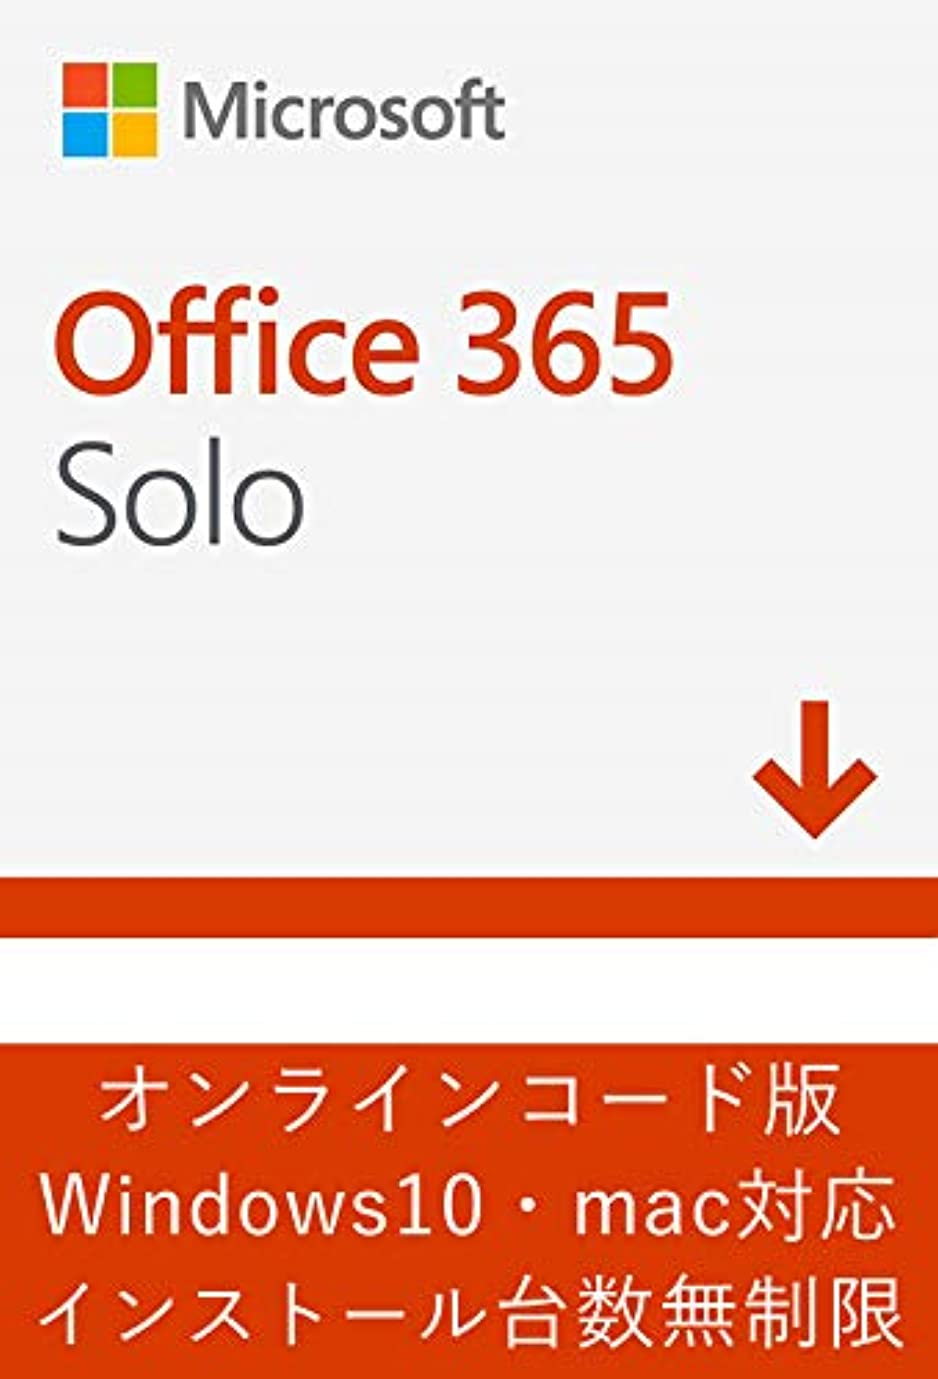 マイクロプロセッサ罰落花生Microsoft Office 365 Solo (最新 1年版)|オンラインコード版|Win/Mac/iPad|インストール台数無制限(同時使用可能台数5台)